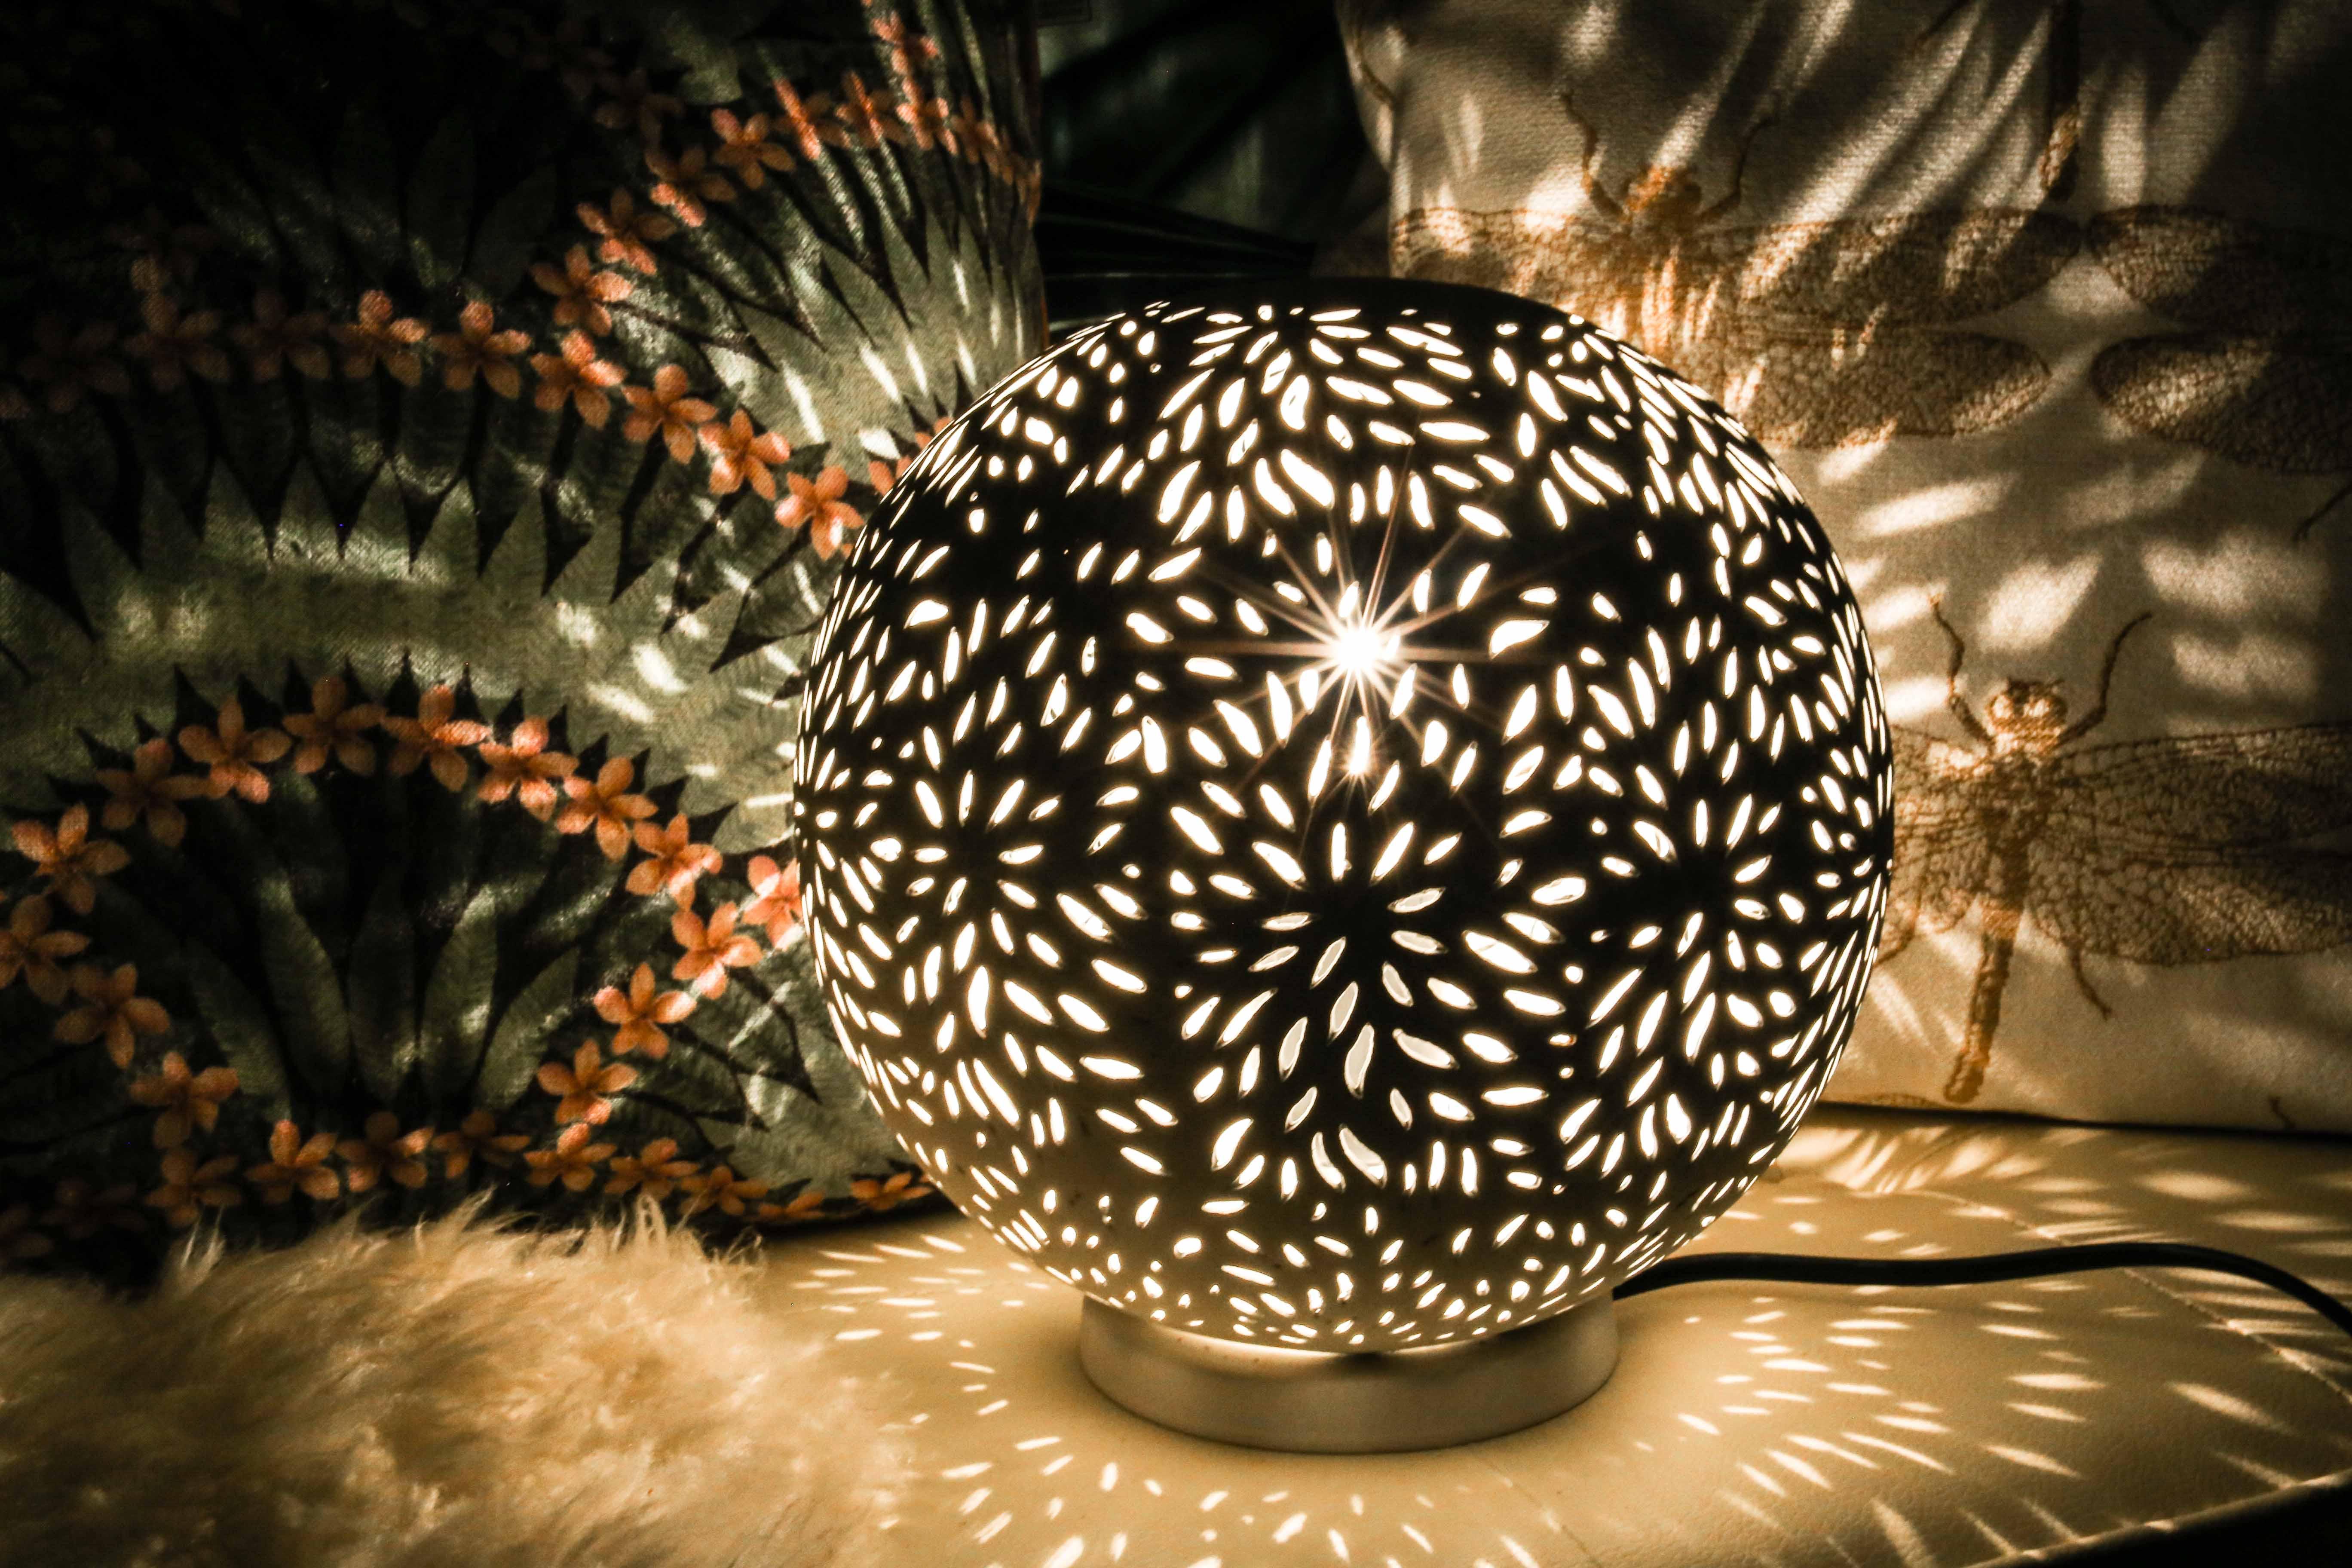 Beleuchtung-Kugelleuchte-Tausendundeine-Nacht-Wayfair-gemütlich-herbst-atmosphäre